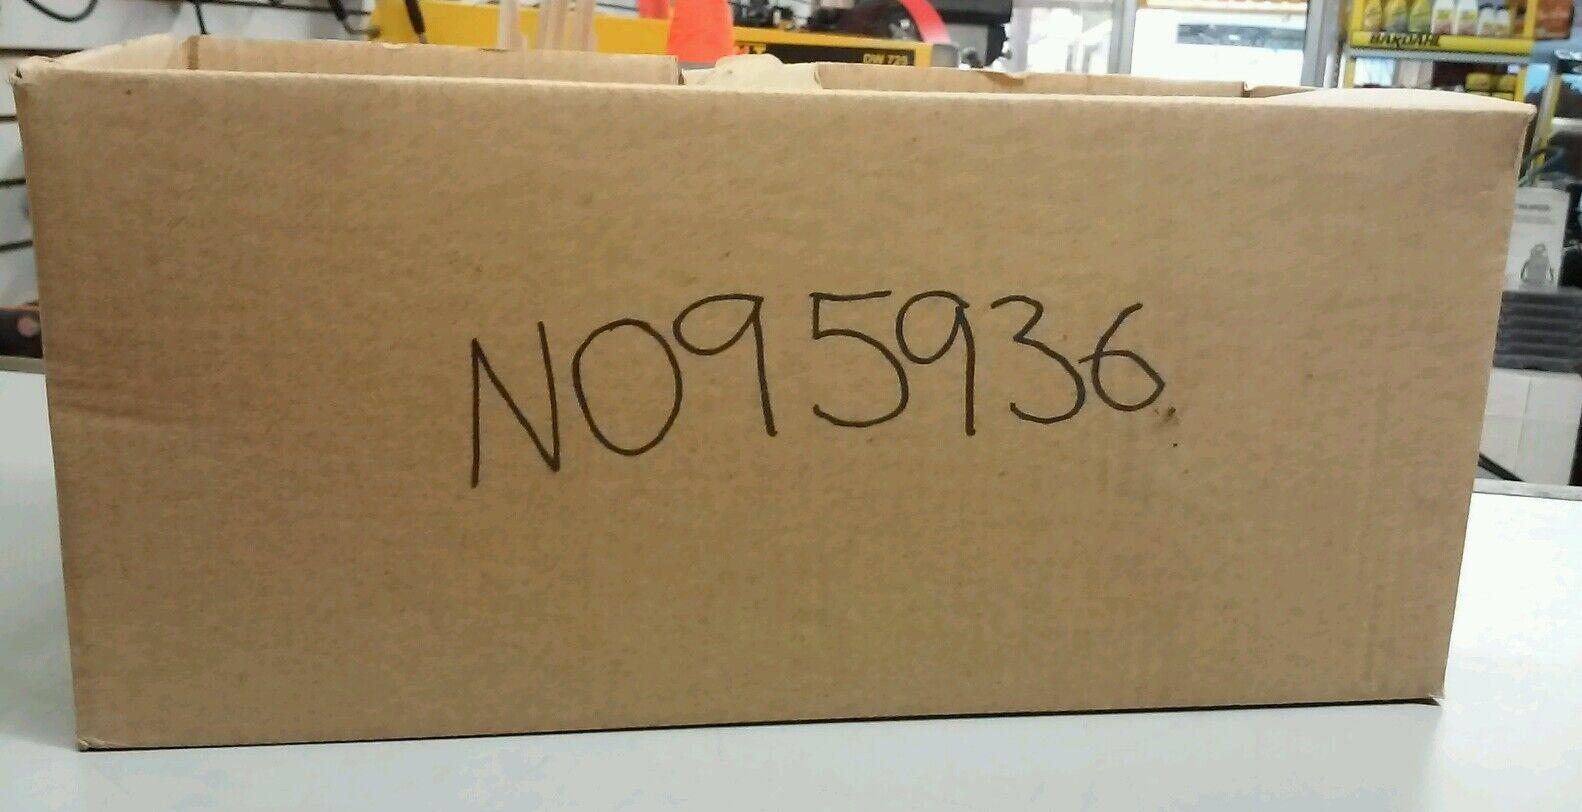 DEWALT N095936 ARAMTURE & BRGS FOR CHOP SAW